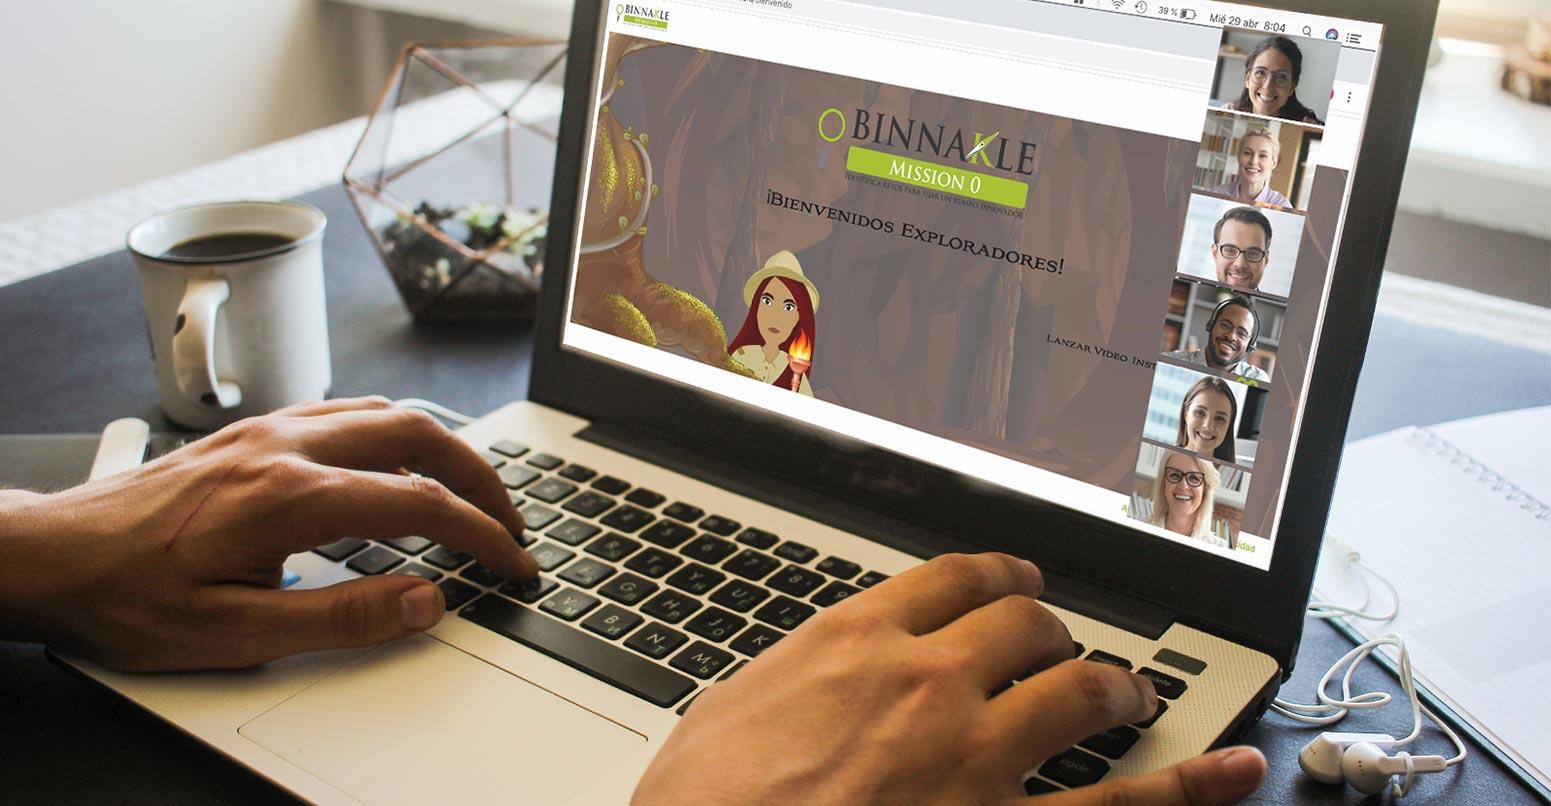 Gamificación: Binnakle Misión 0